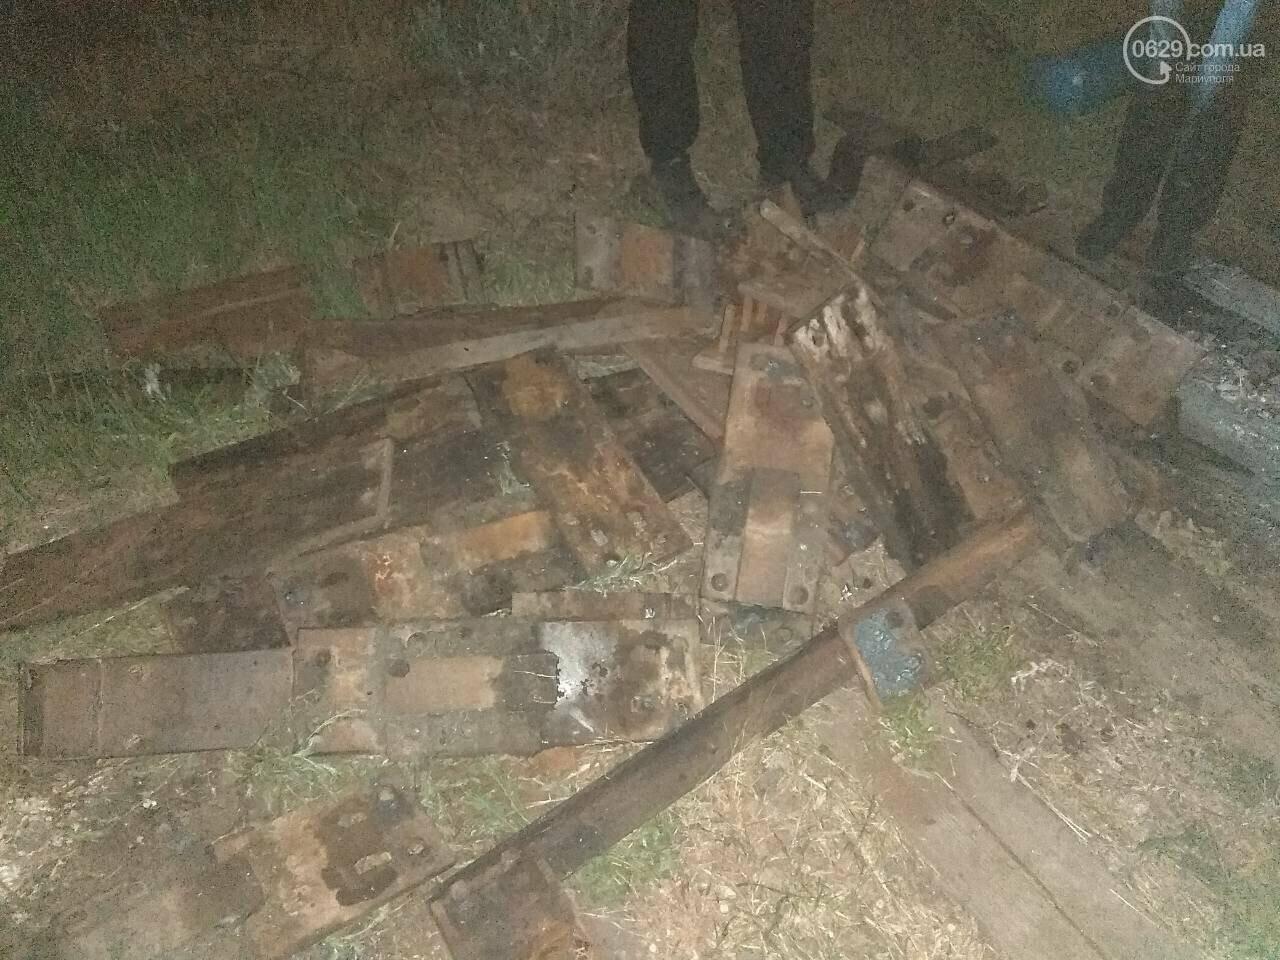 В Мариуполе сотрудники охранного предприятия задержали воров при попытке разобрать железнодорожное полотно, - ФОТО, фото-6